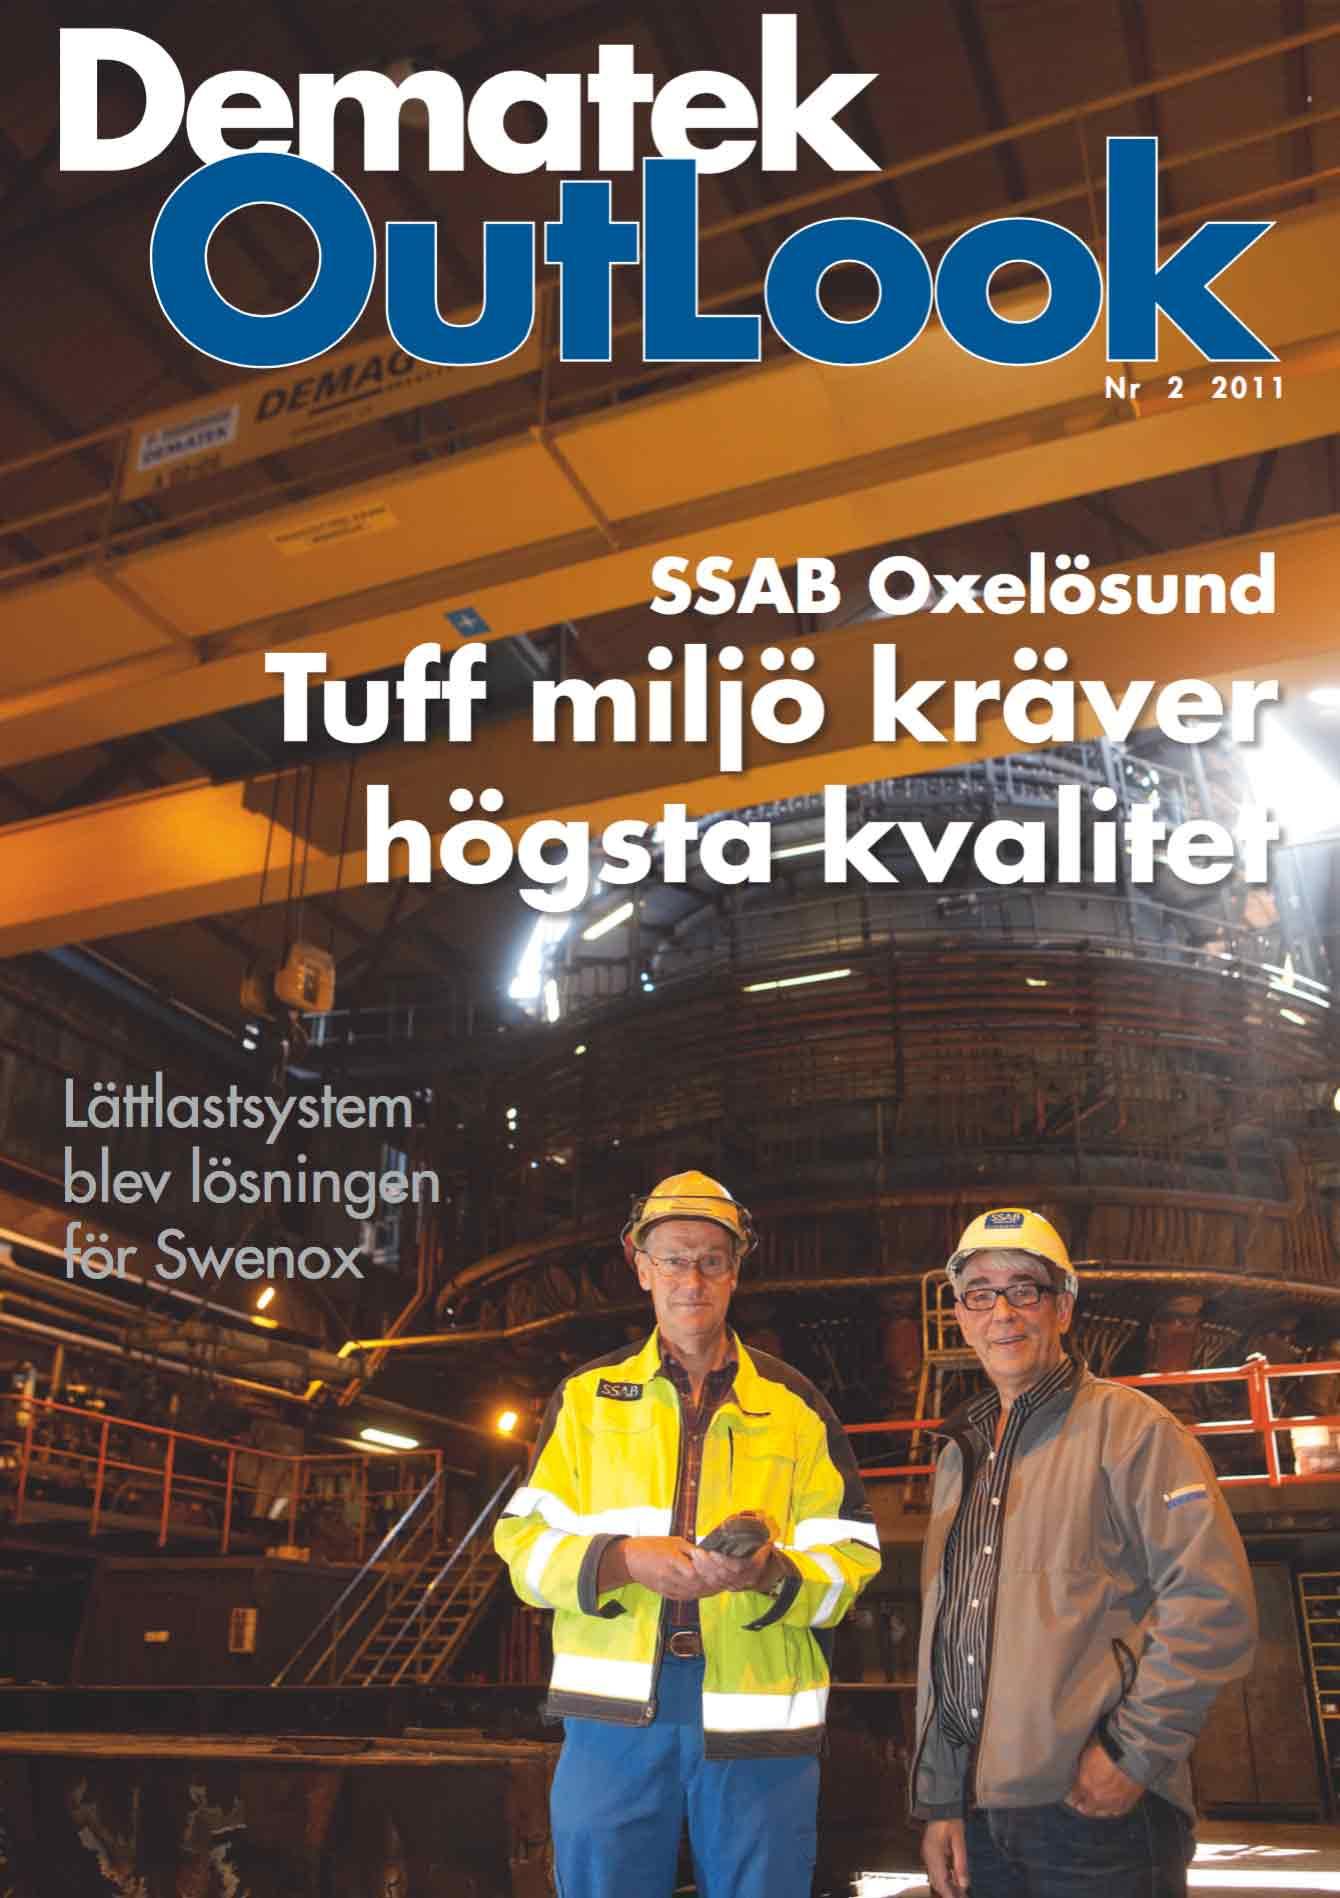 Dematek OutLook nr 2, 2011